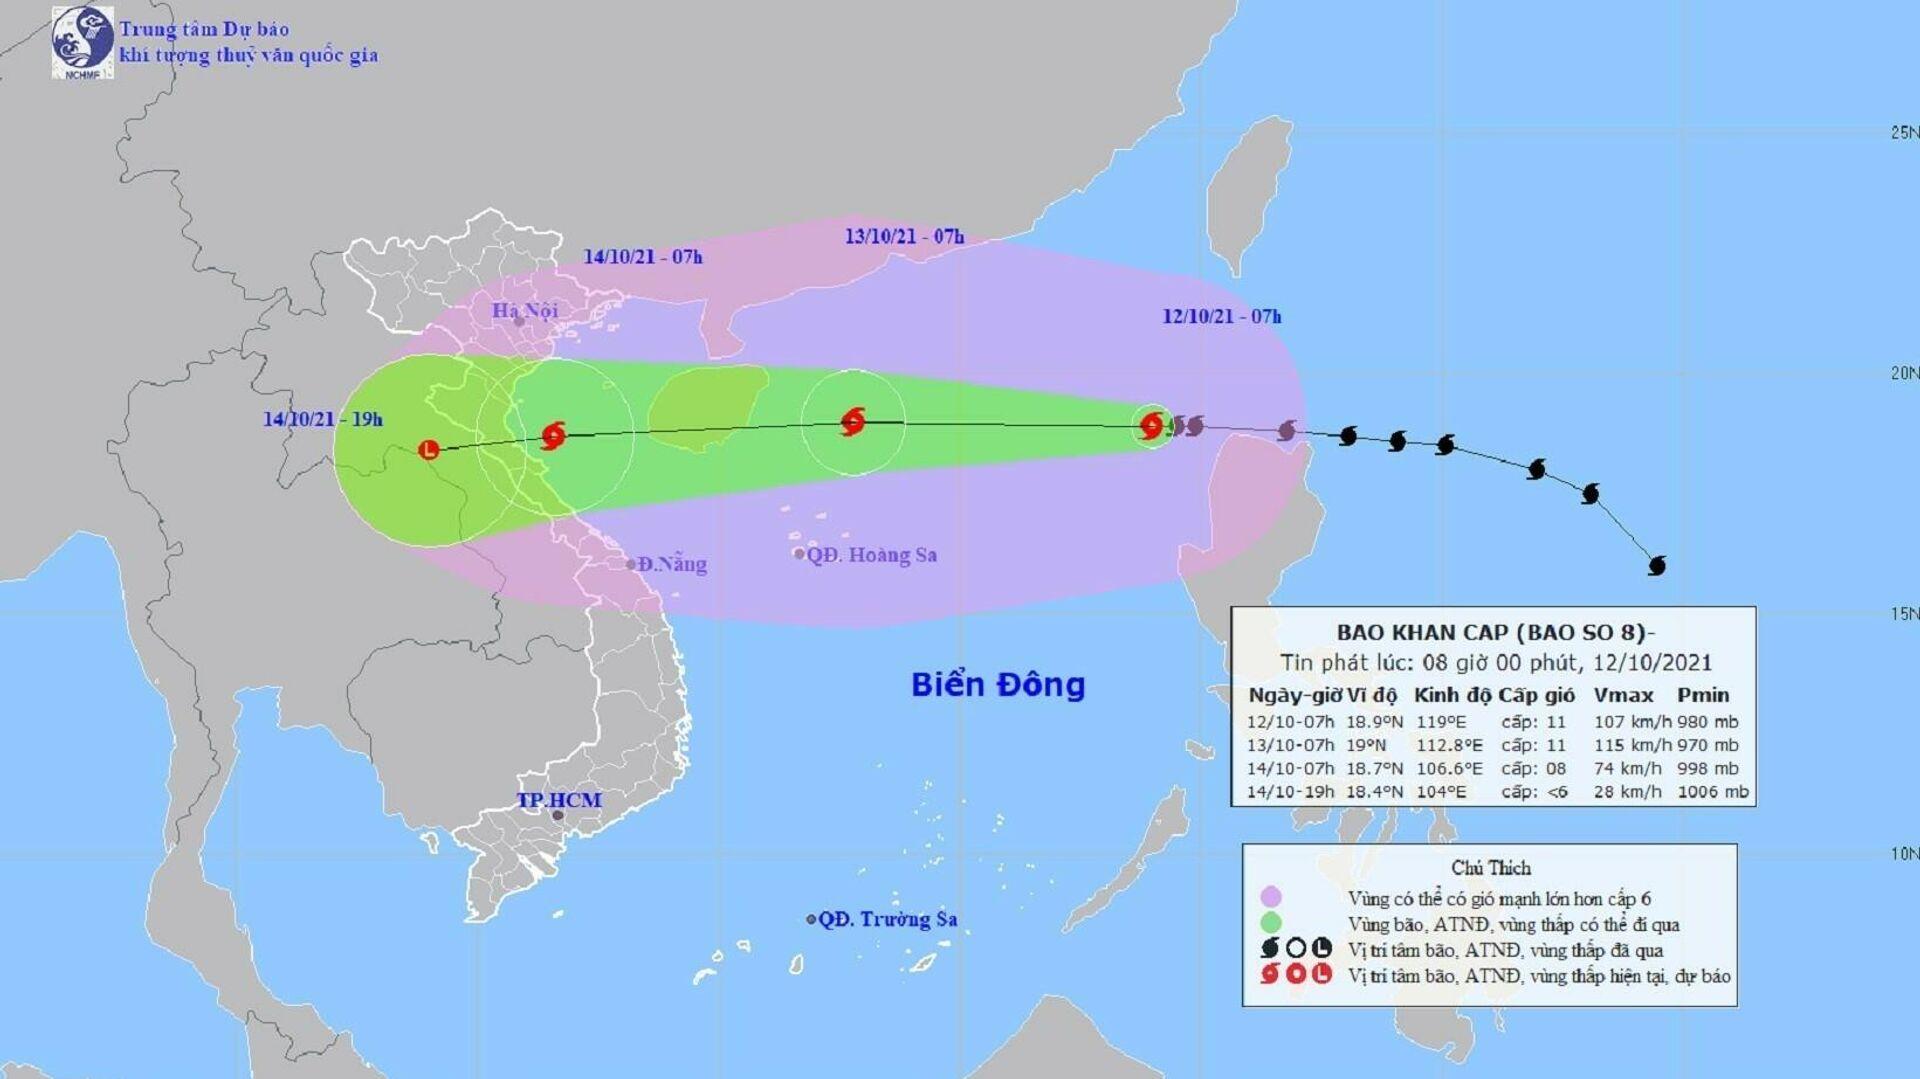 Cơn bão số 8 (Kompasu) - Sputnik Việt Nam, 1920, 12.10.2021